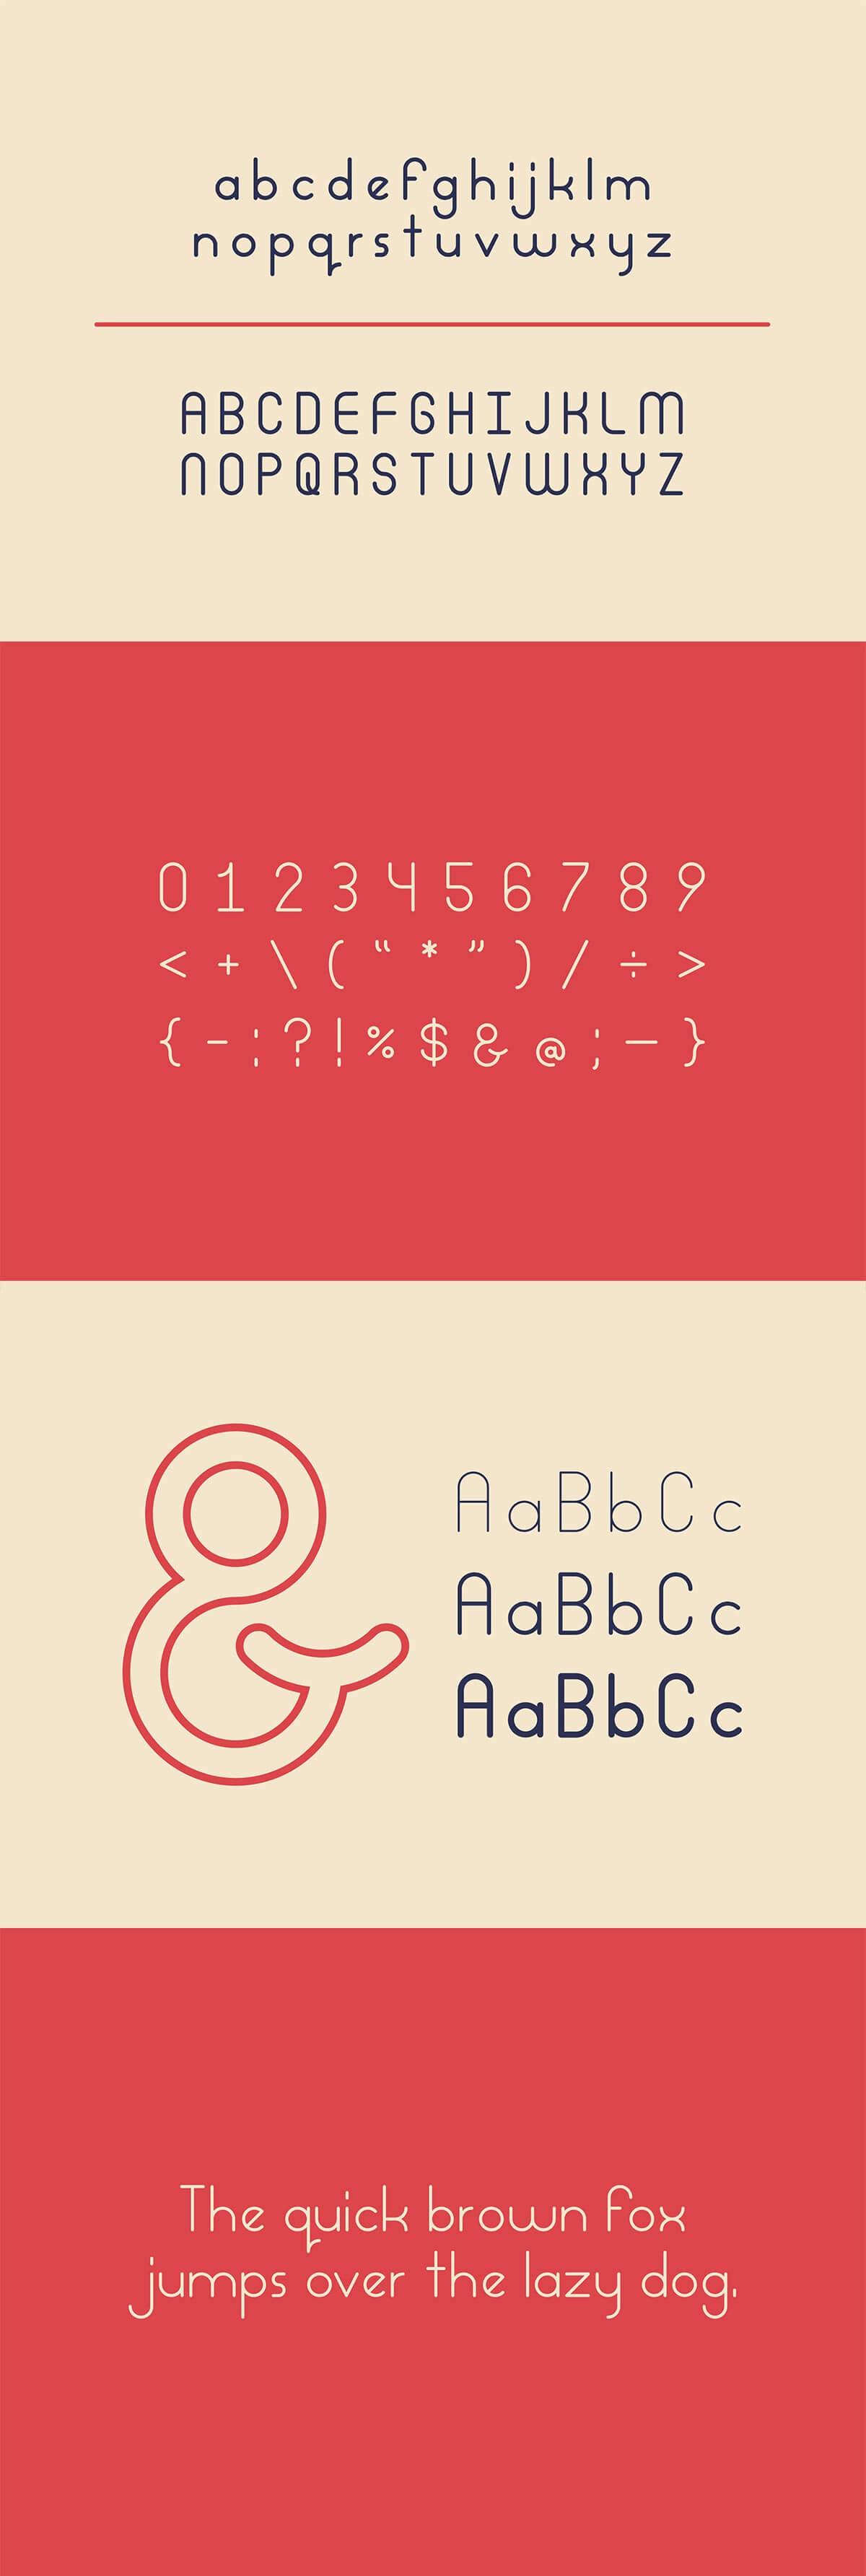 Free Podriq Sans Serif Font Family Pack